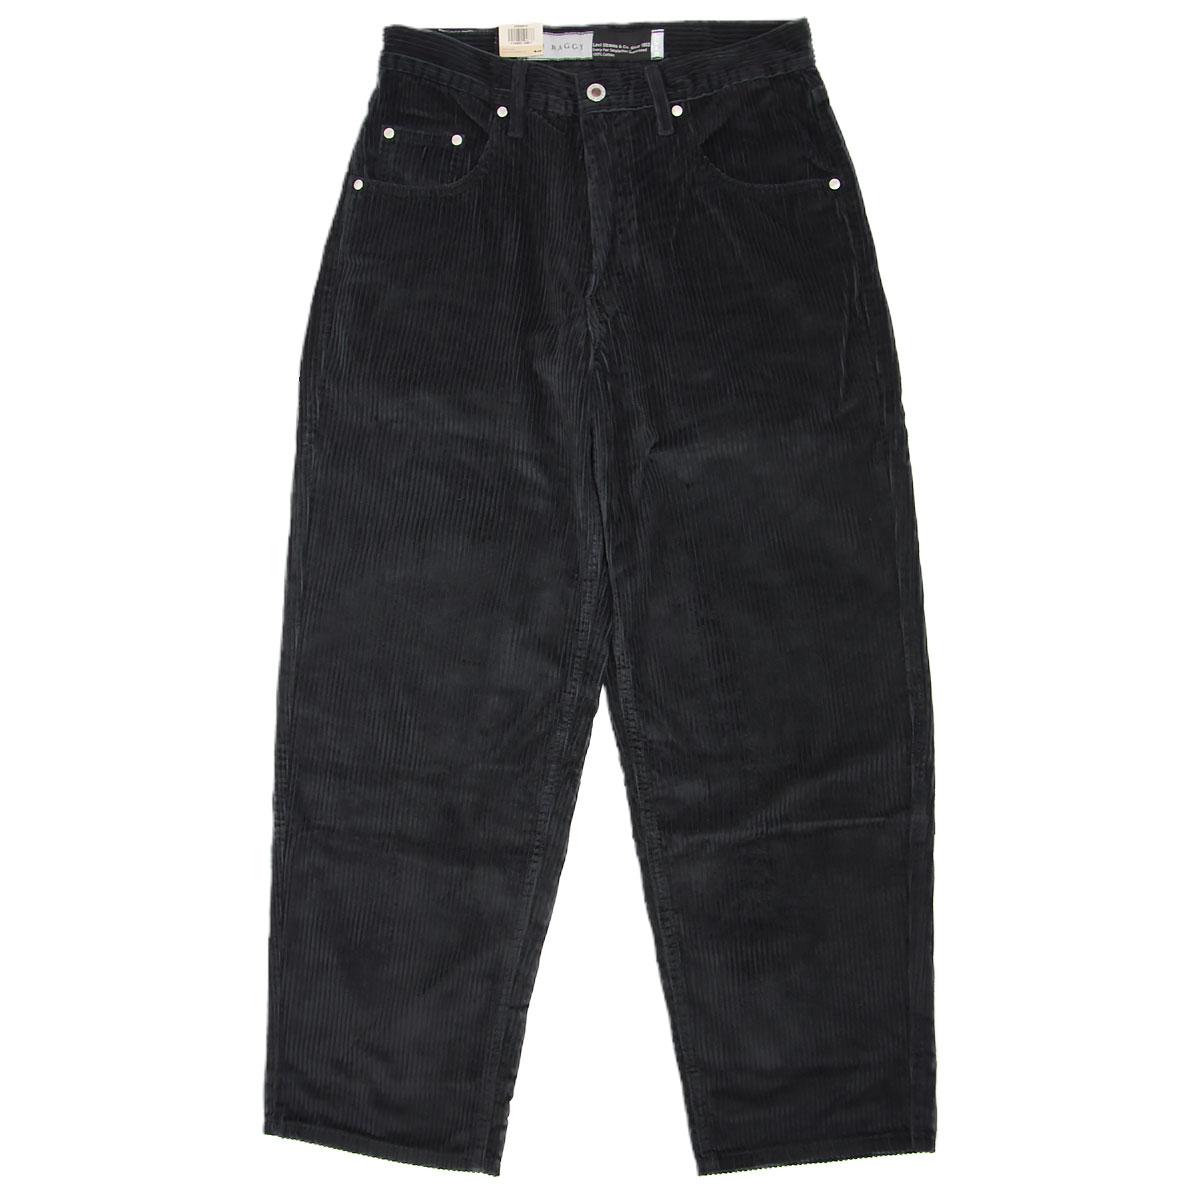 国内正規品 Levi's リーバイス シルバータブ バギー Levi's Silver Tab Baggy Jeans 39290 0010 ジーンズ・コーデュロイ・ブラック・送料無料rCBQdWxoe